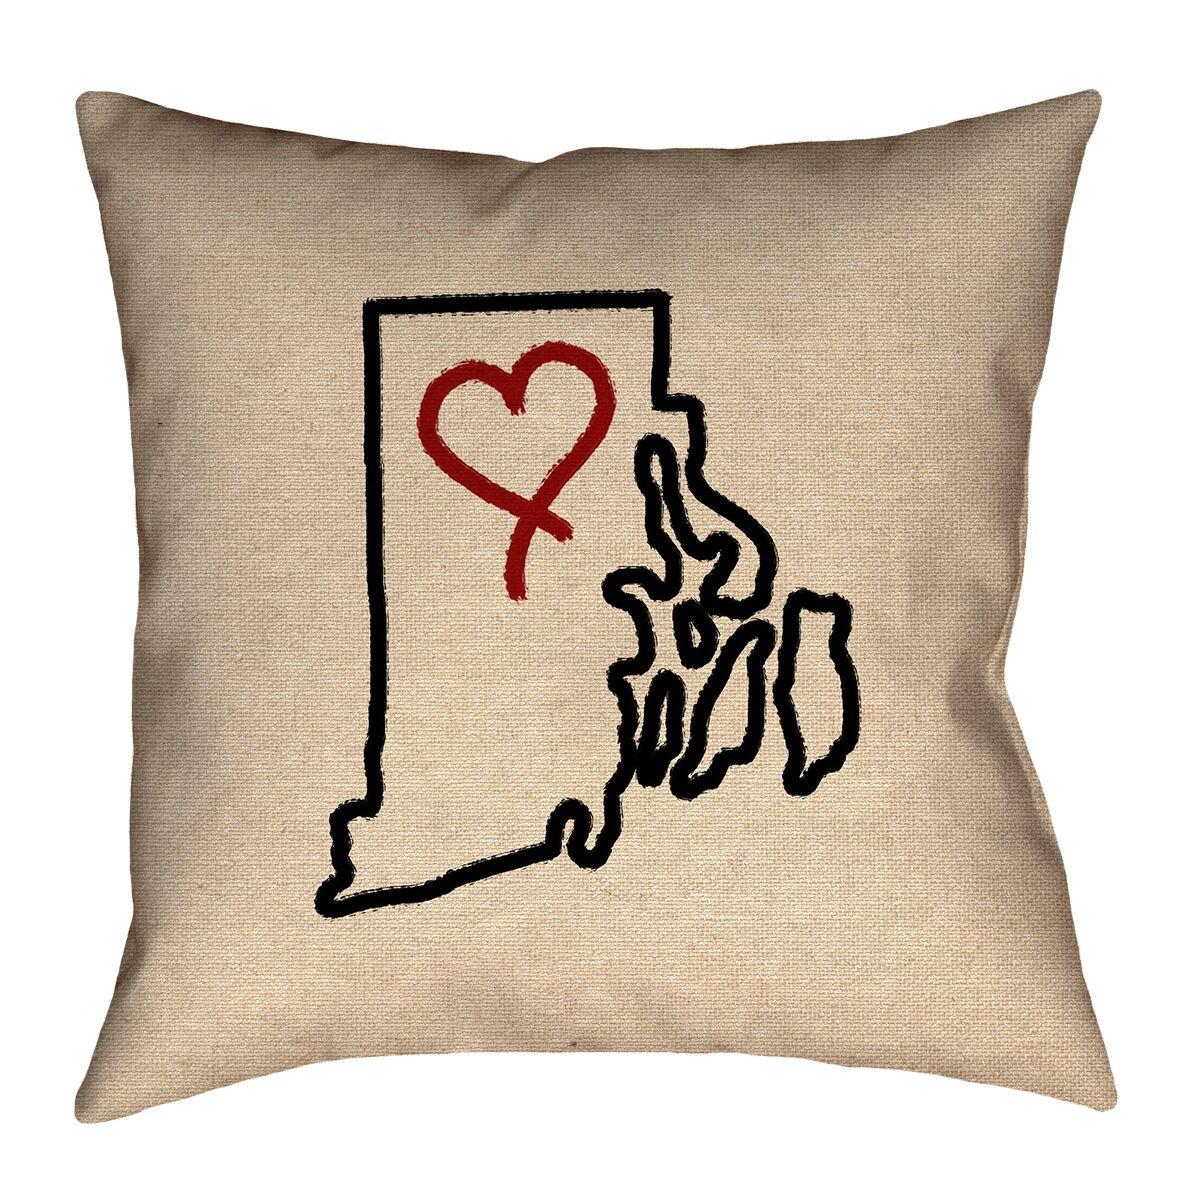 Sherilyn Rhode Island Love Size: 36